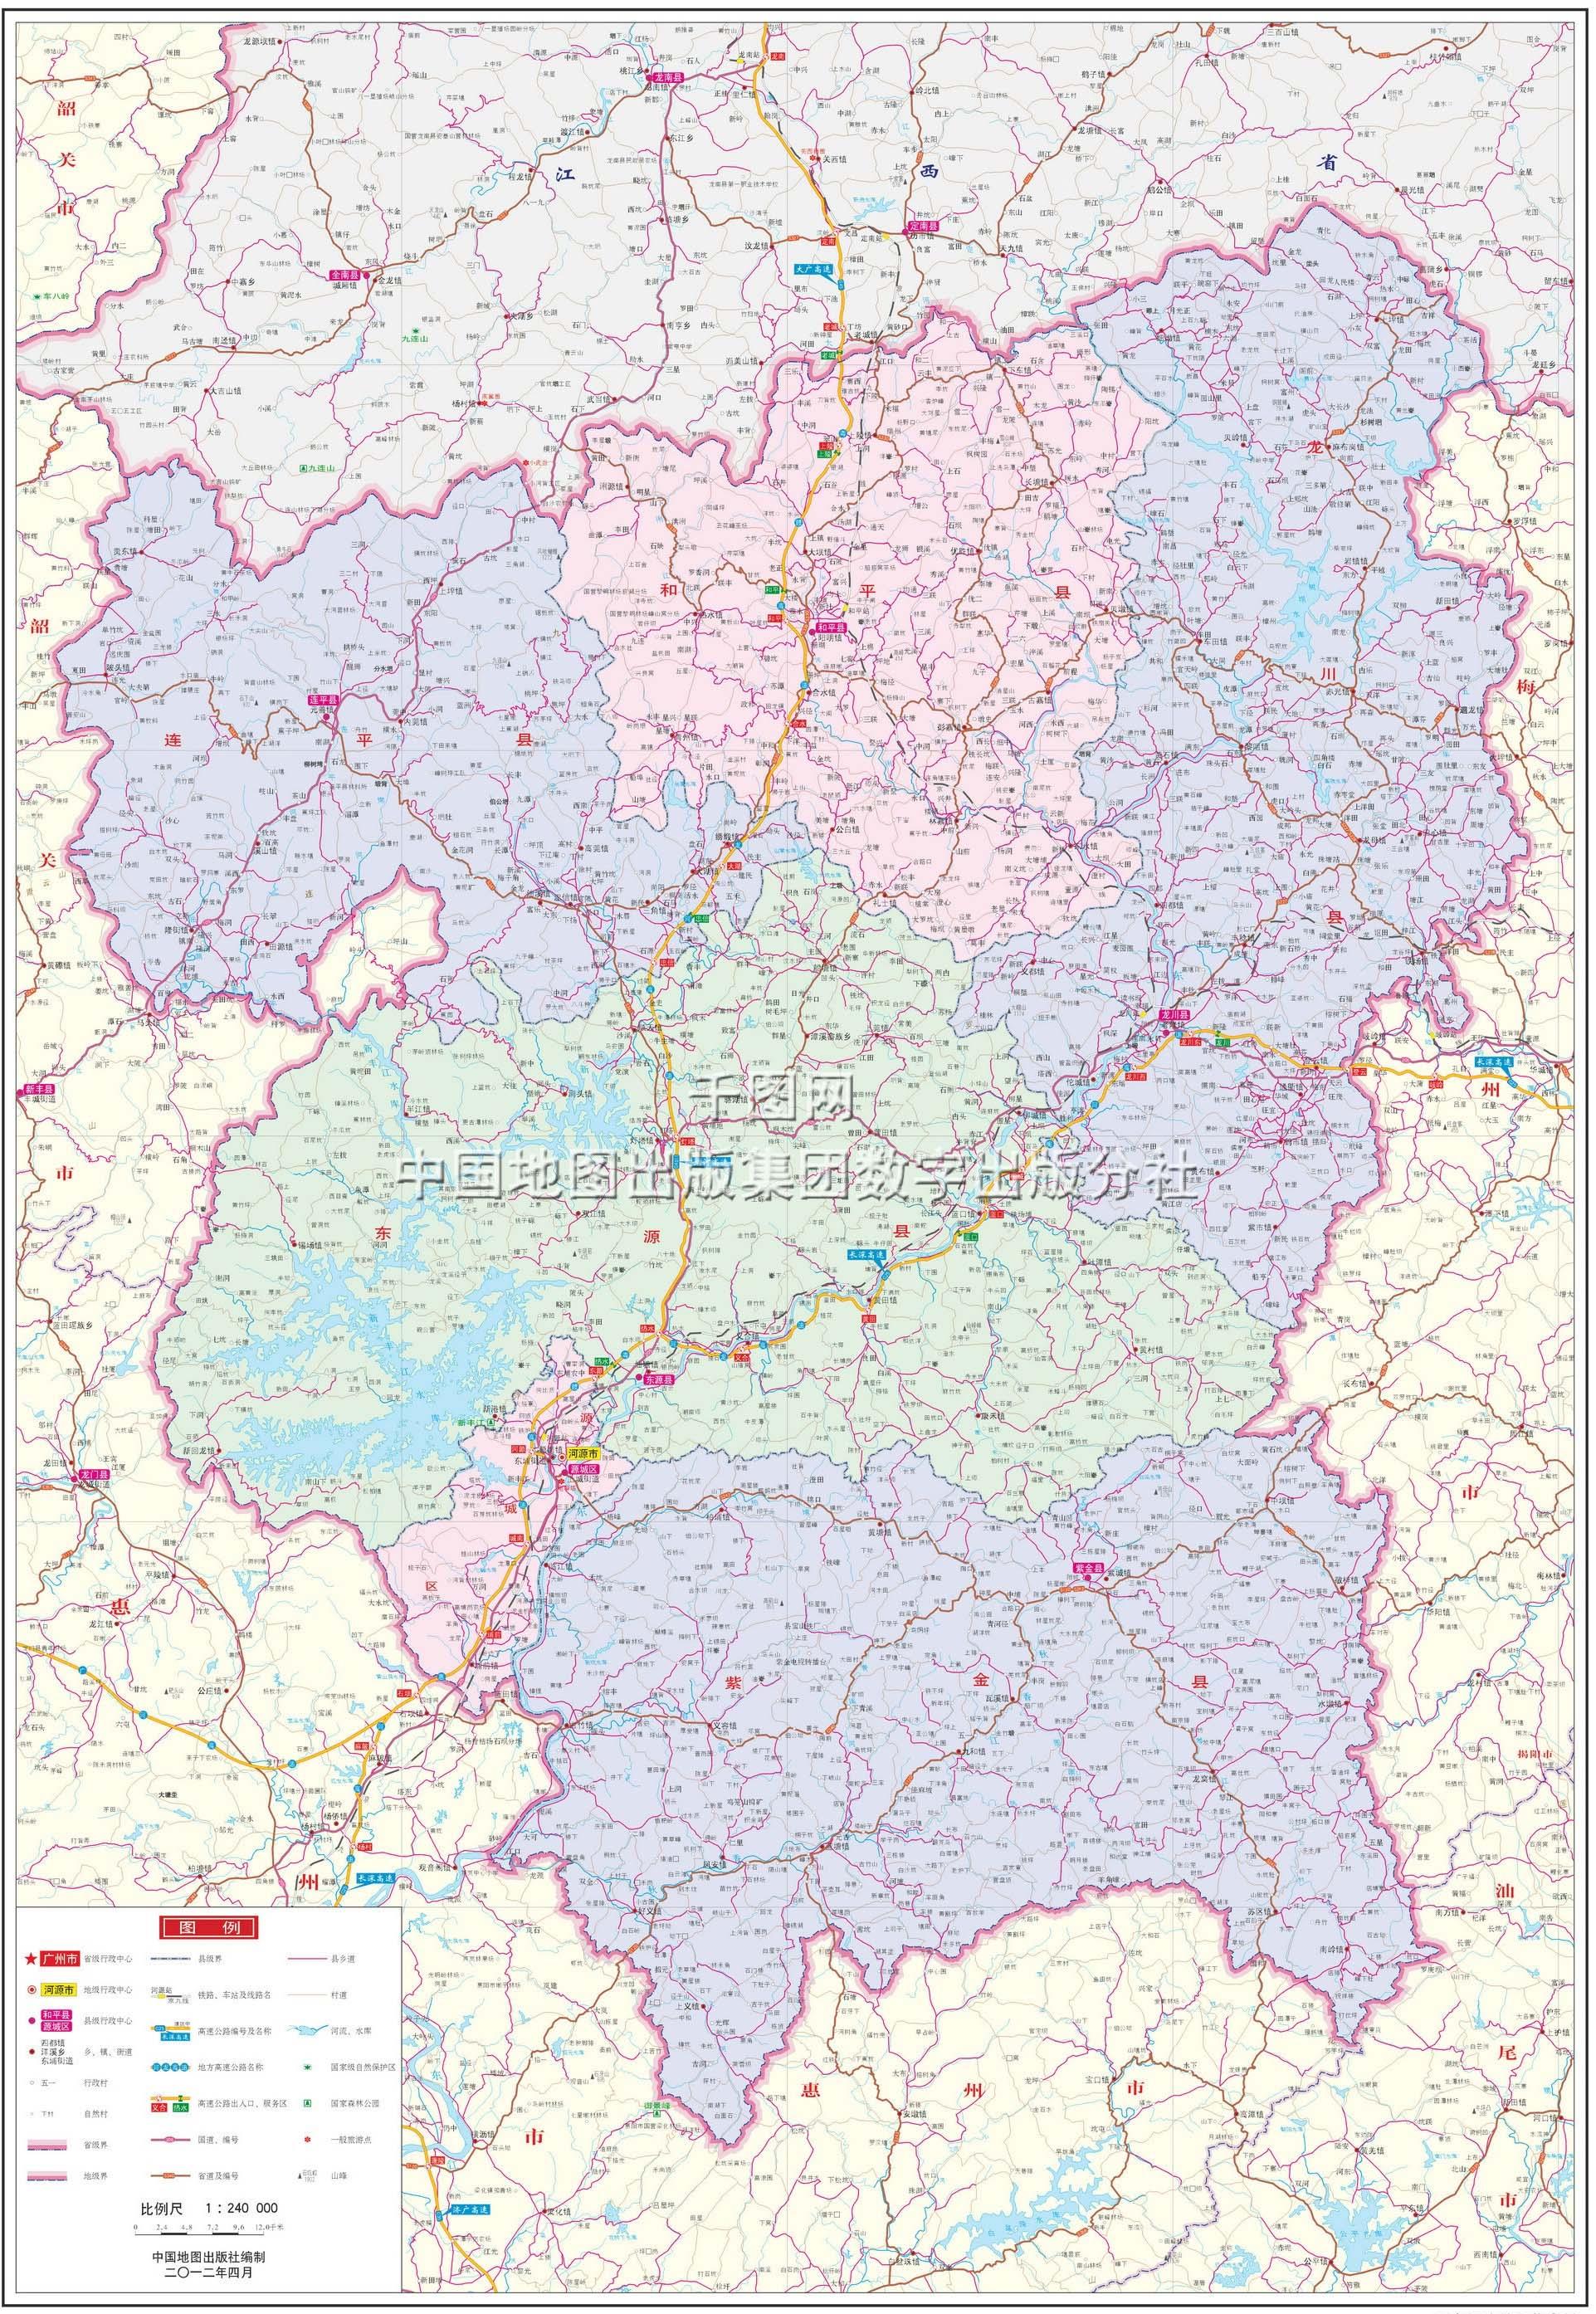 广东河源龙川地图_河源市地图高清版_河源地图库